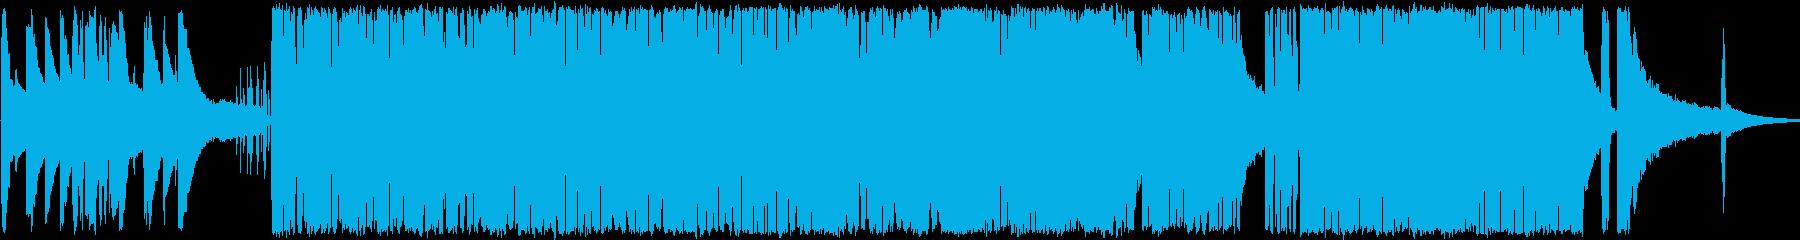 おしゃれで浮遊館のあるトリオジャズの再生済みの波形